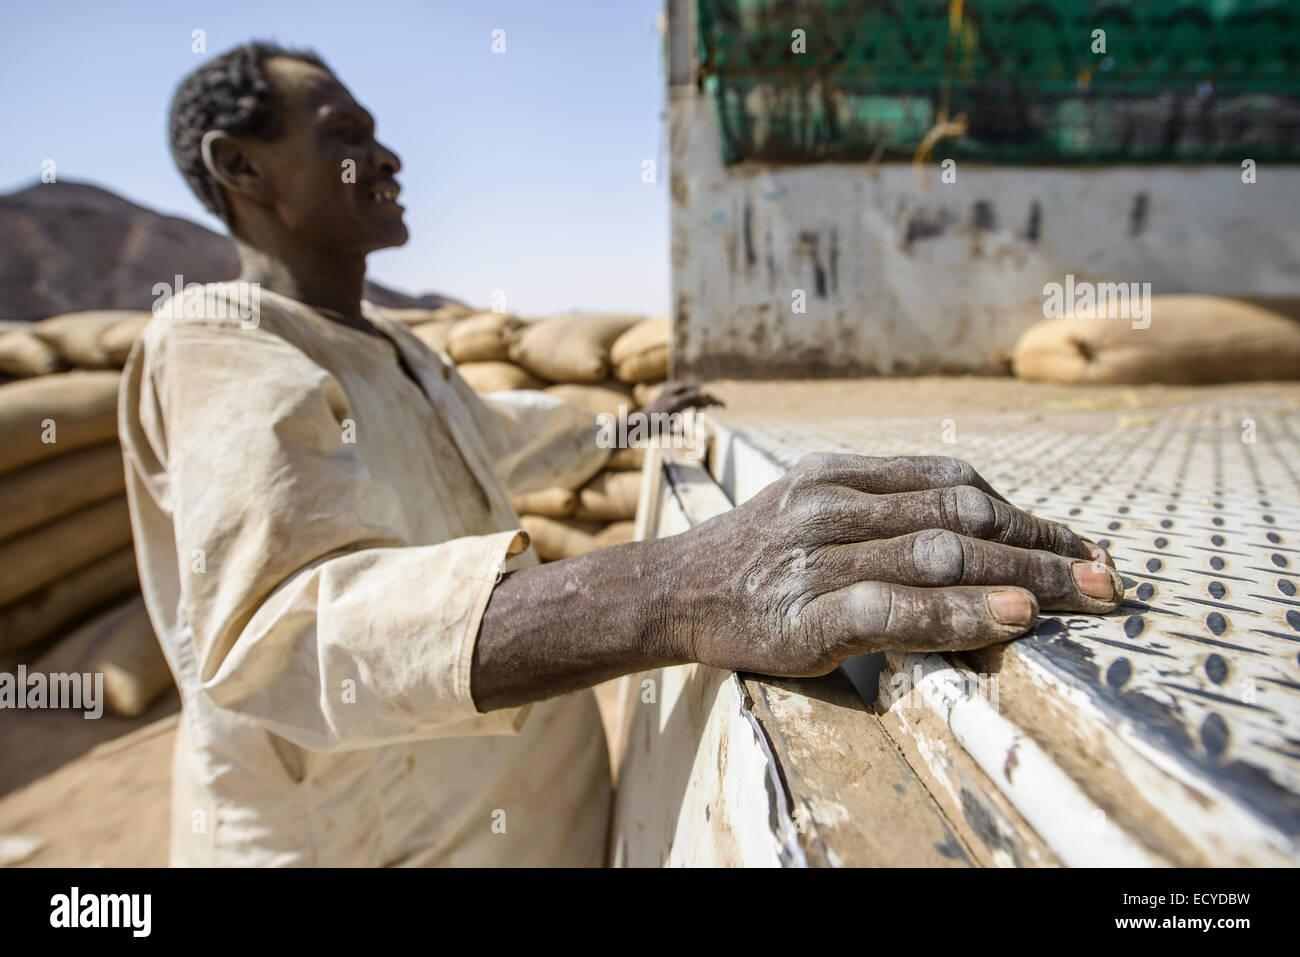 Sudanese man unloading sacks of faba beans in the Sahara desert, Sudan - Stock Image